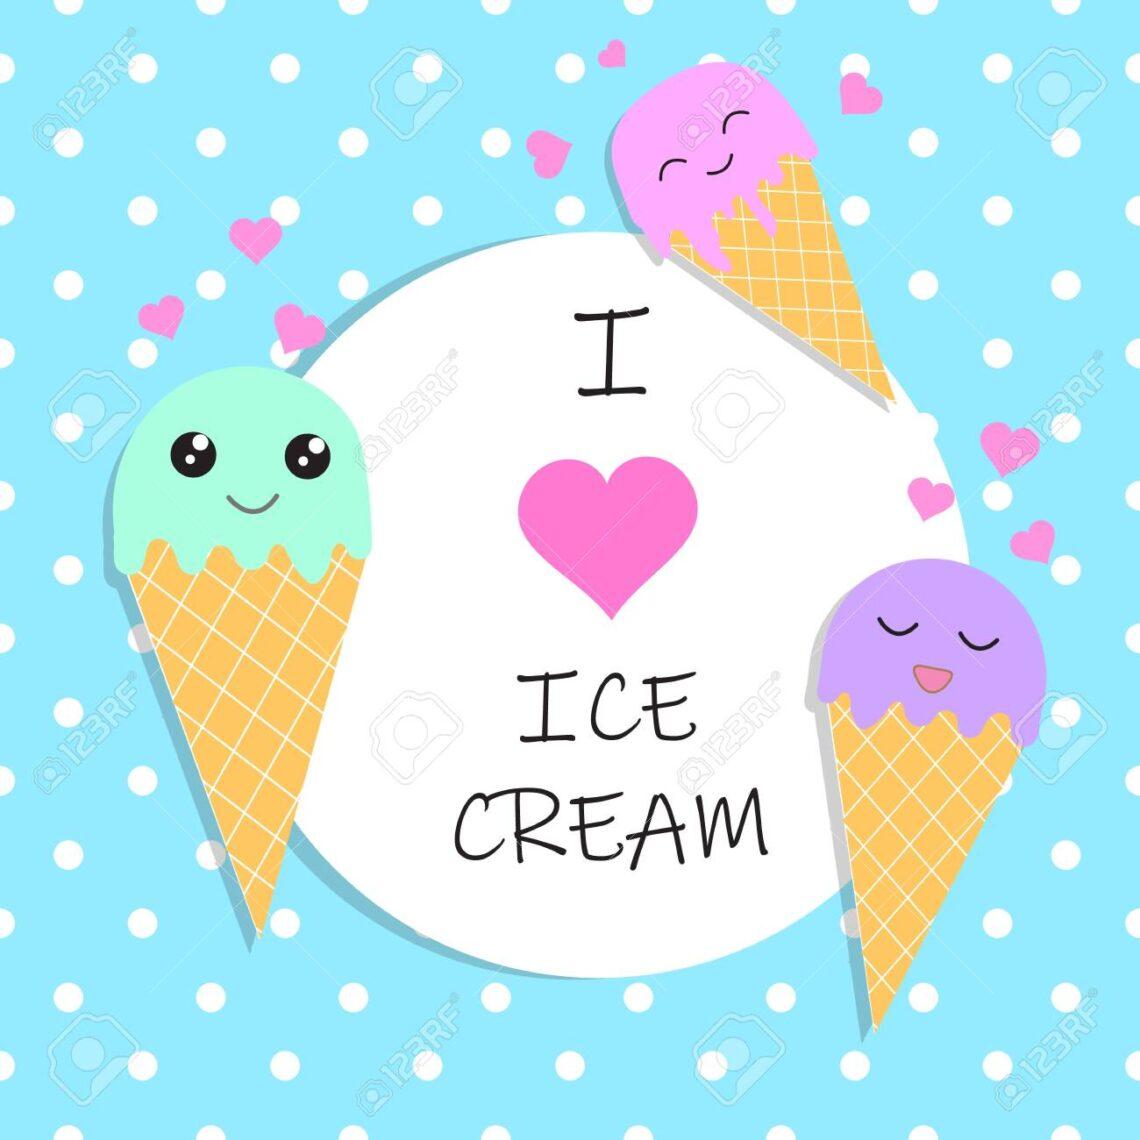 124181165 I Love Ice Cream Poster Banner Vector Illustration Eps10 9628069 1140x1140